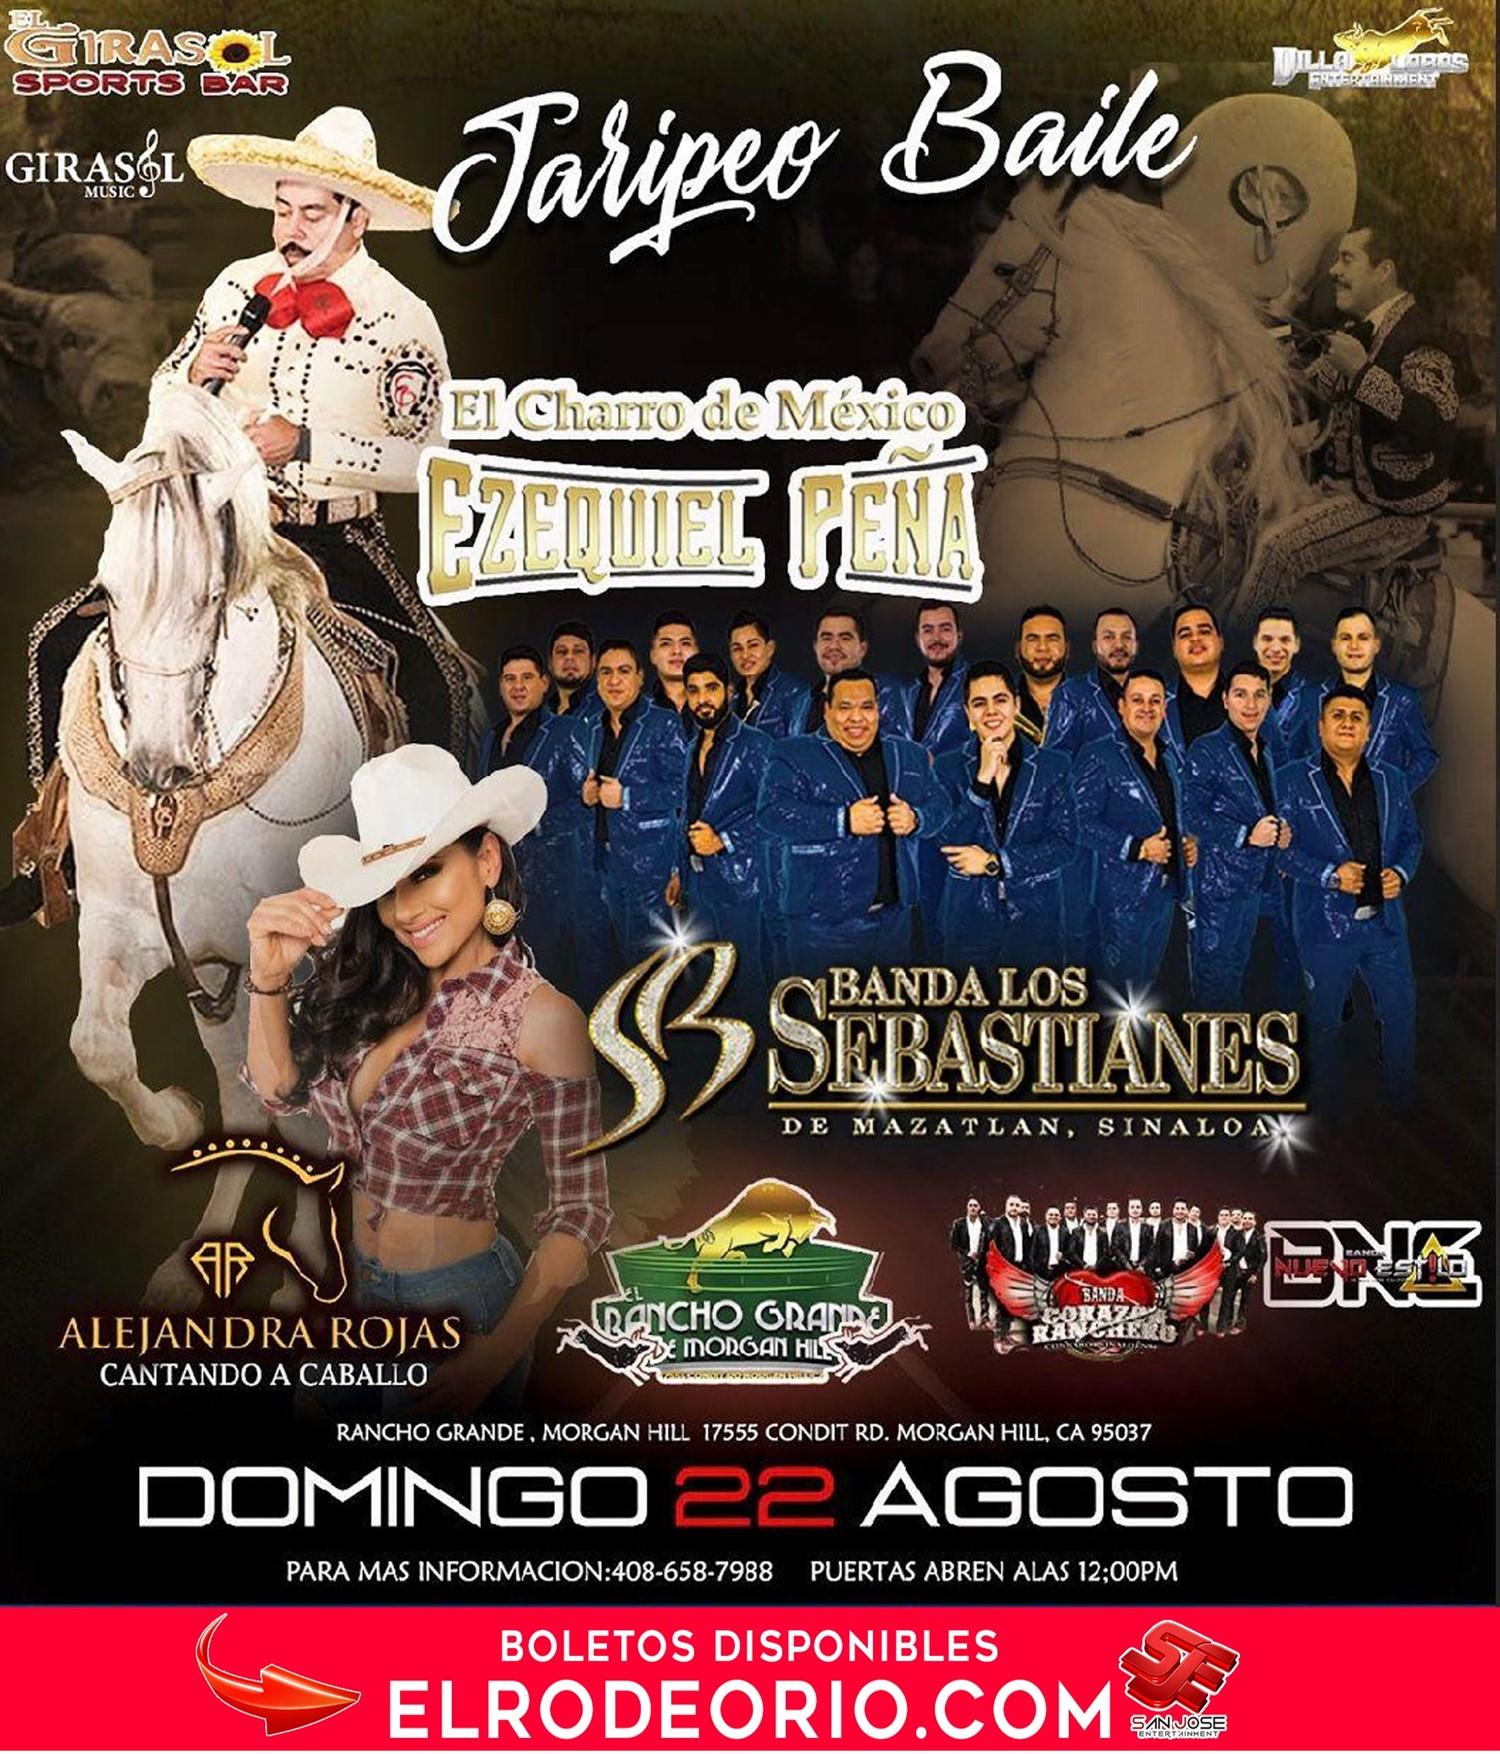 Ezequiel Peña,Banda Los Sebastianes y Alejandra Rojas  on Aug 22, 12:00@Rancho grande de morgan hill - Buy tickets and Get information on elrodeorio.com sanjoseentertainment